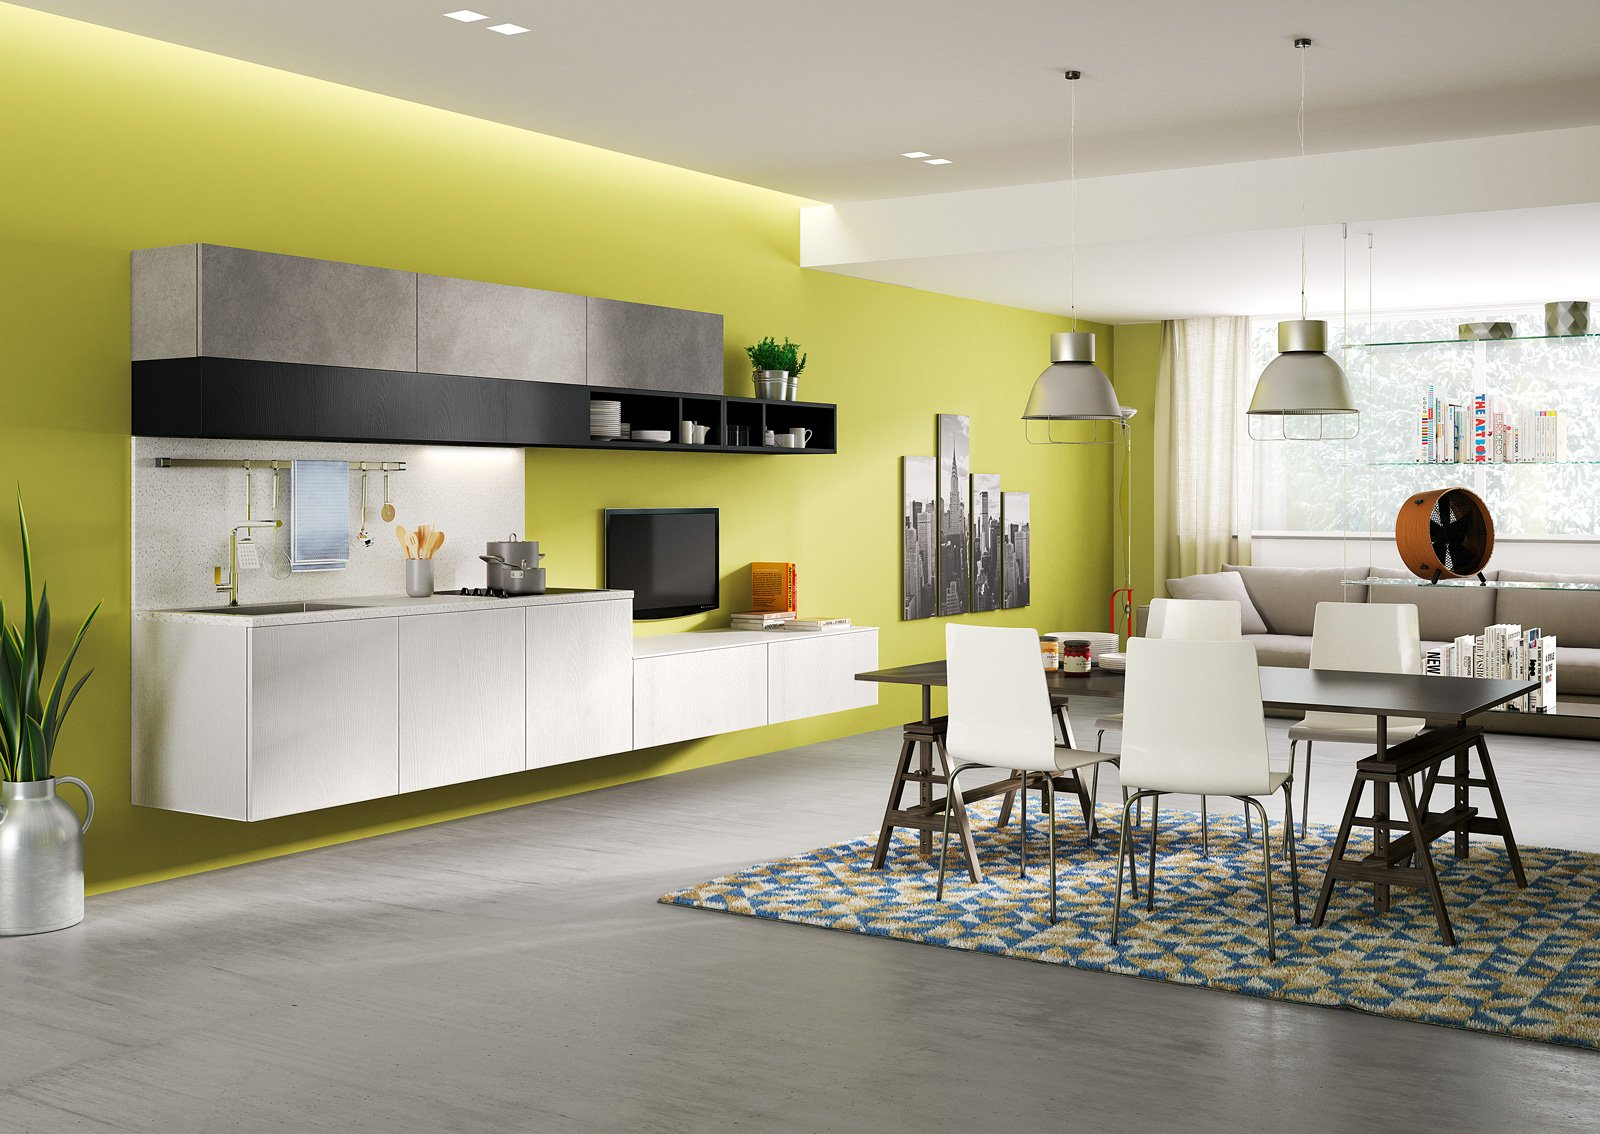 cucine a vista per il loft, nel soggiorno open space - cose di casa - Soggiorno Cucina 40 Mq